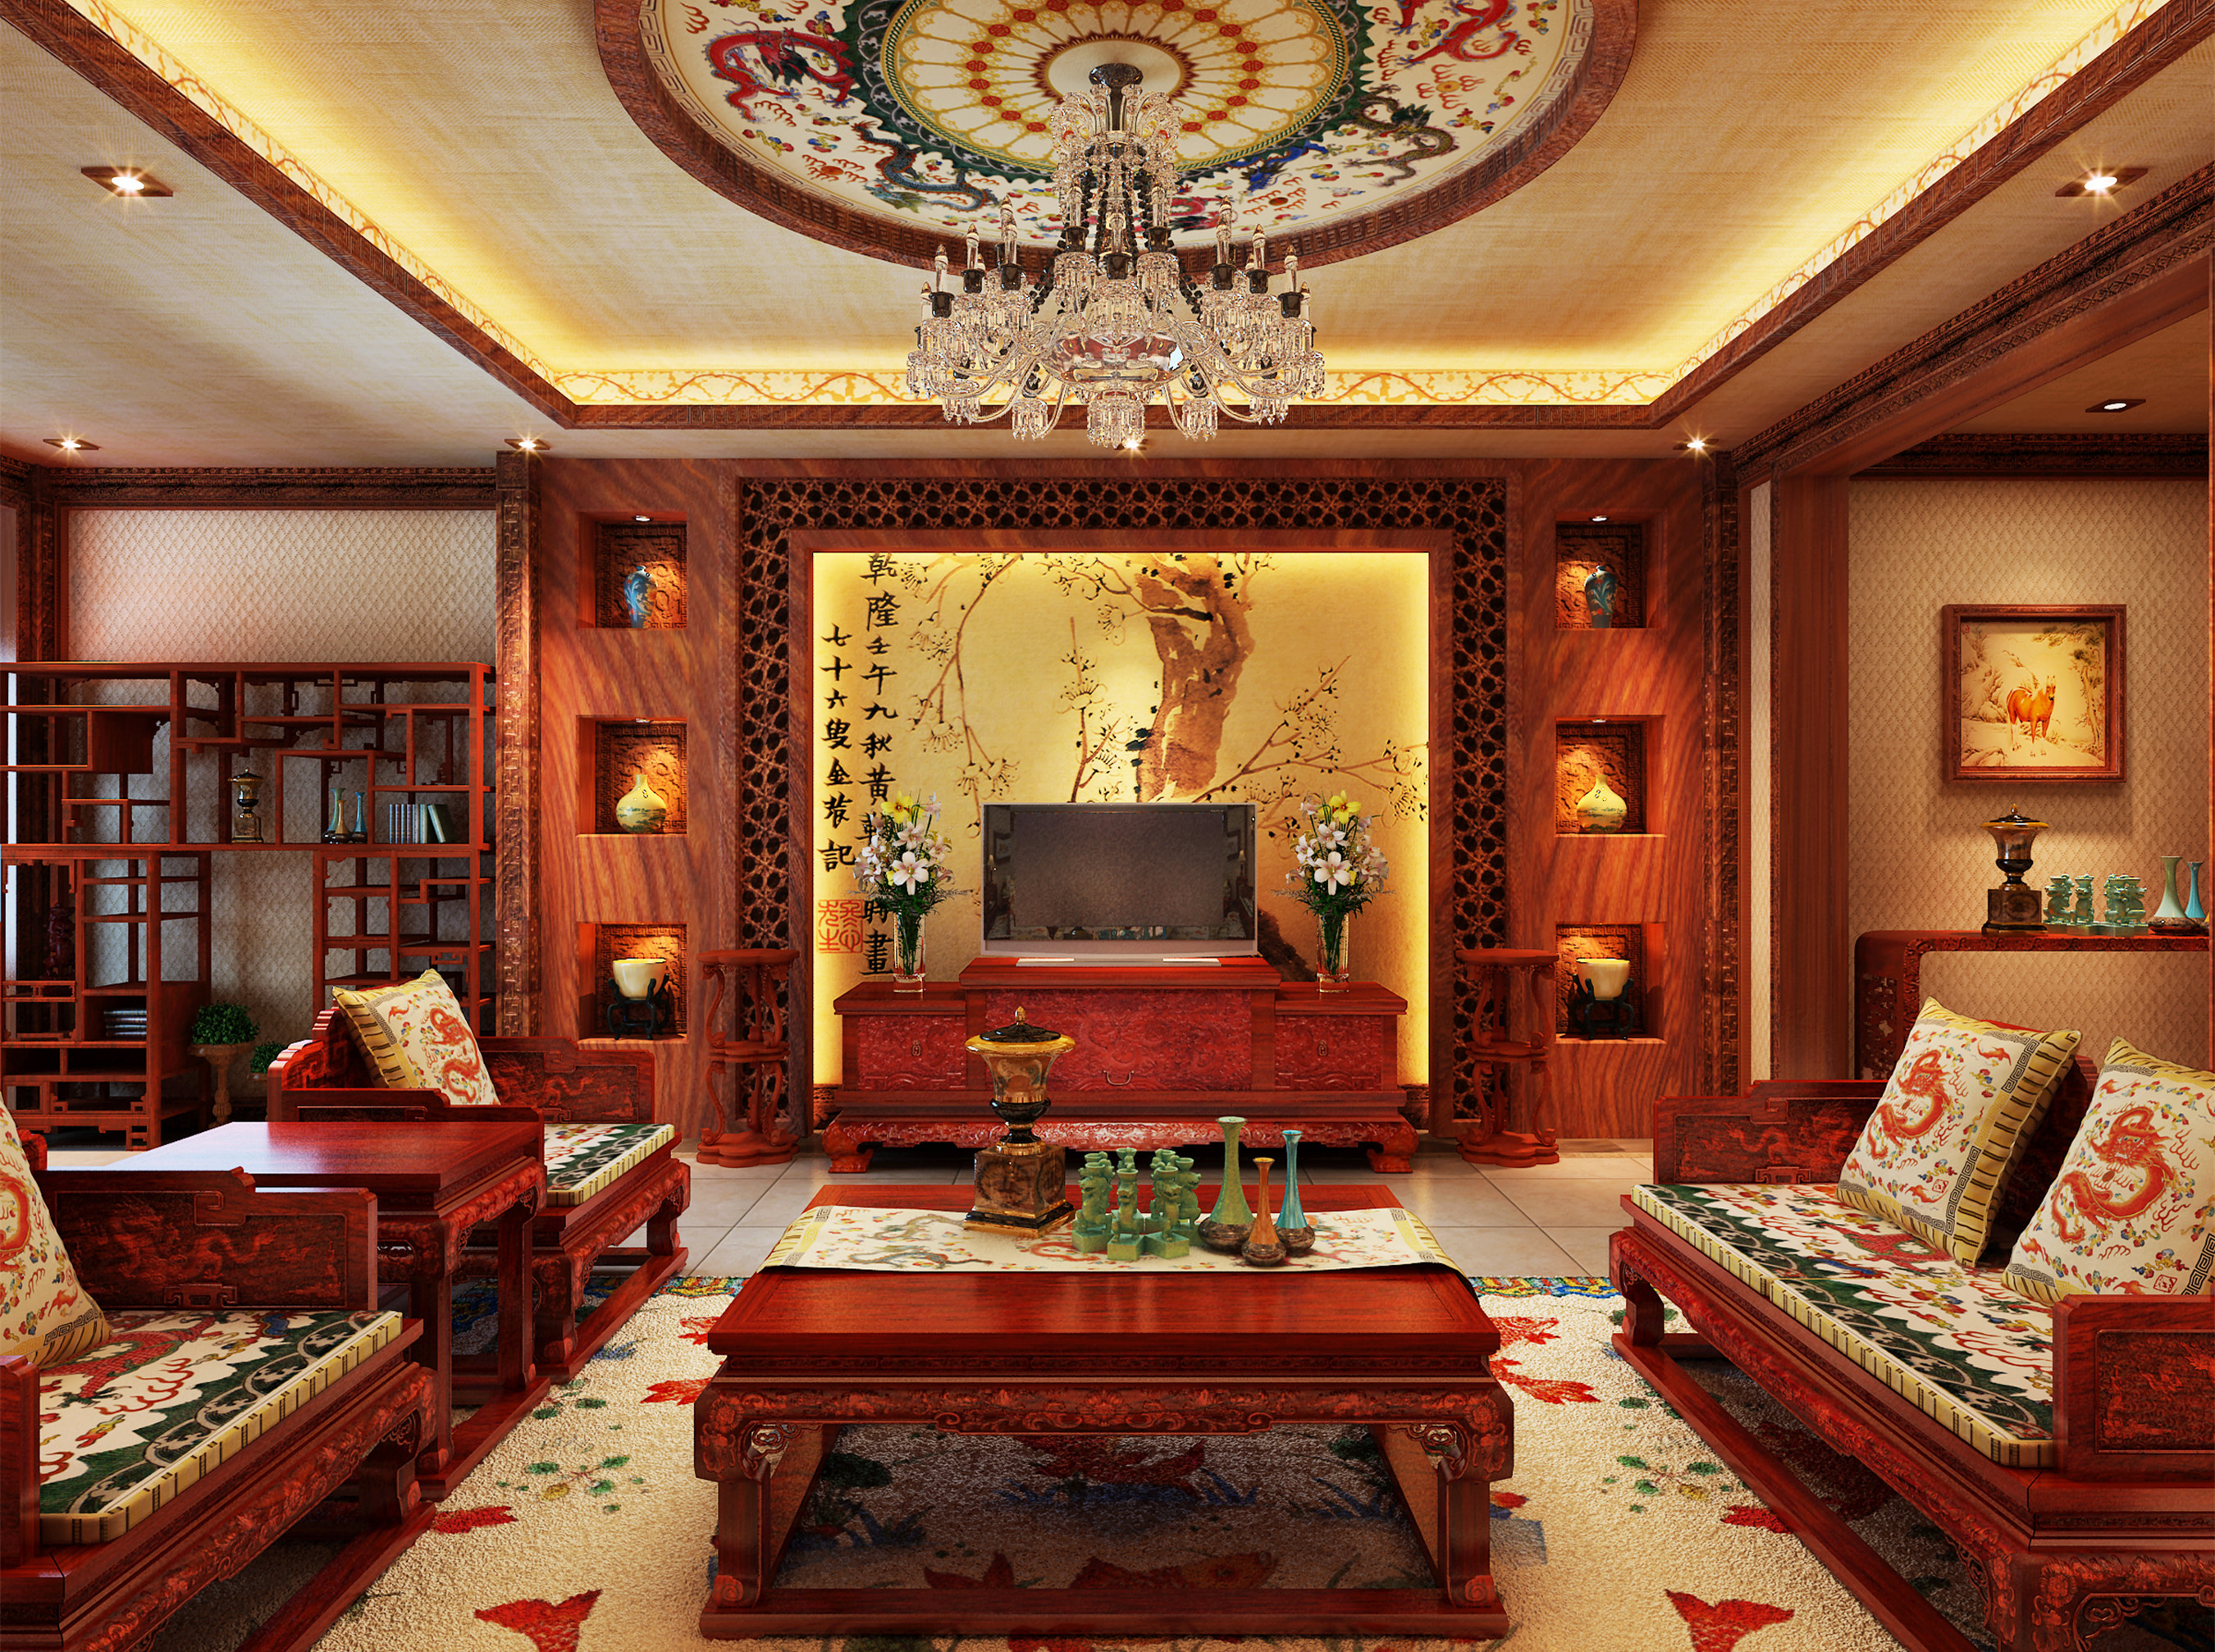 中式红木古典装饰风格别墅设计